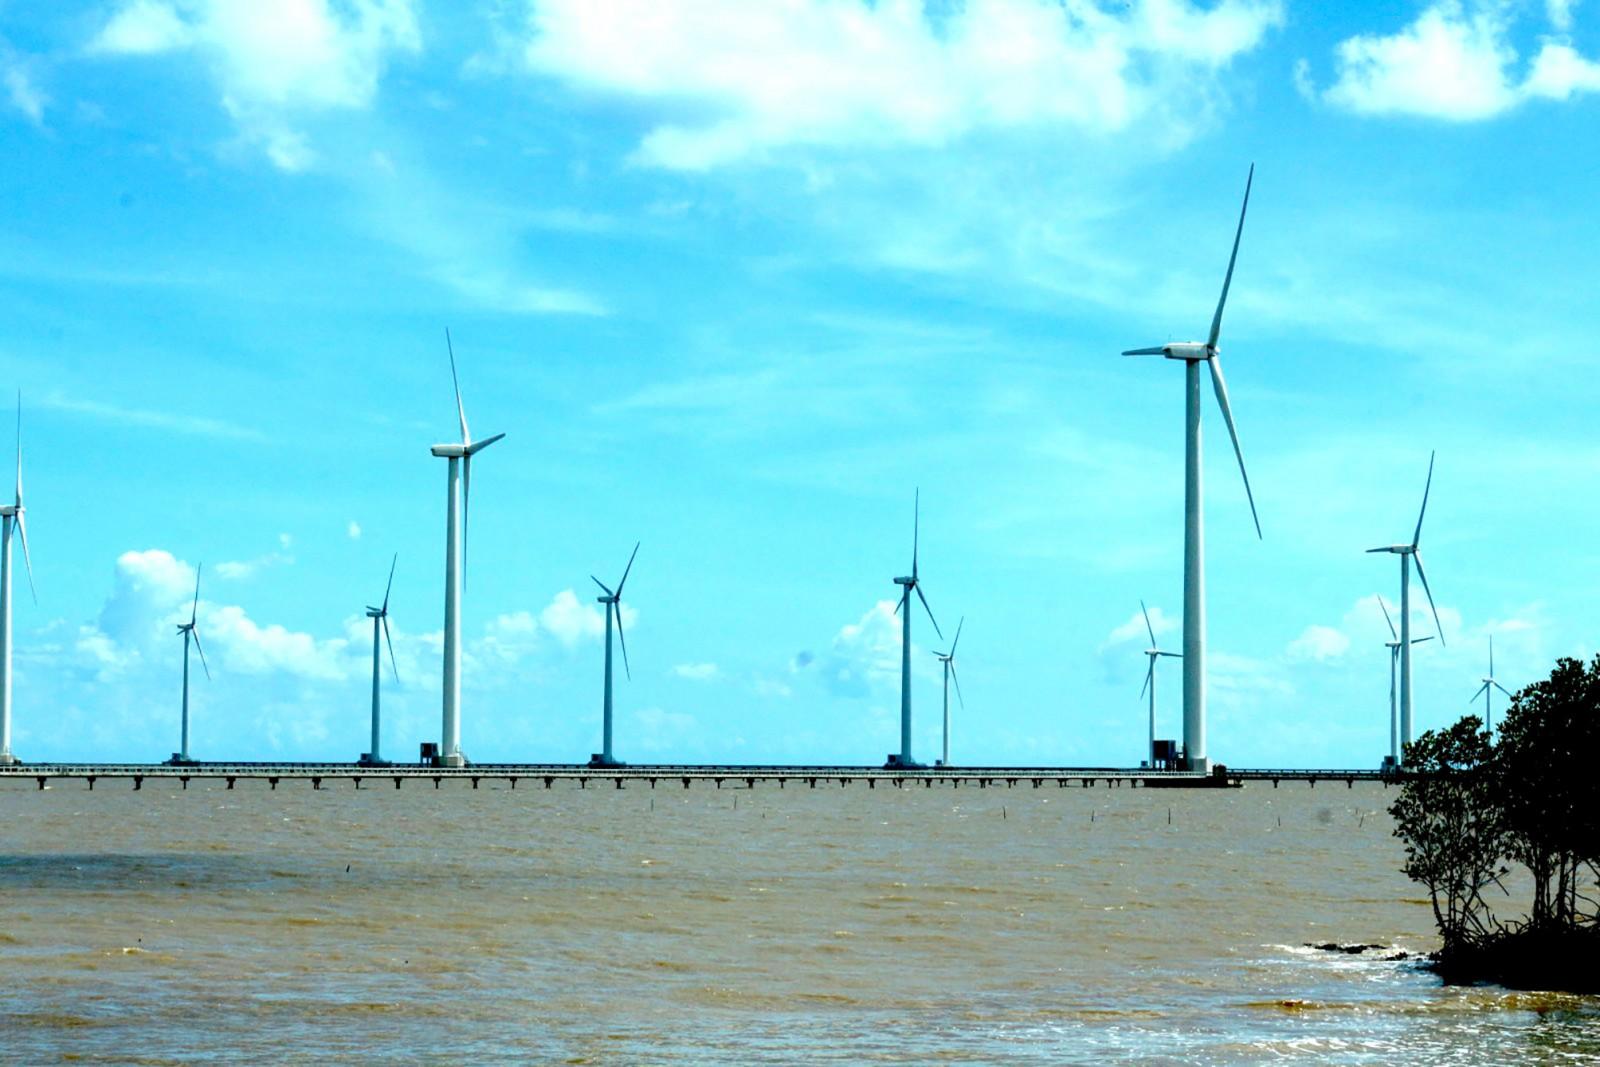 Điện gió là sản phẩm du lịch mà Bạc Liêu đang tích cực khai thác. Ảnh: ÁI LAM